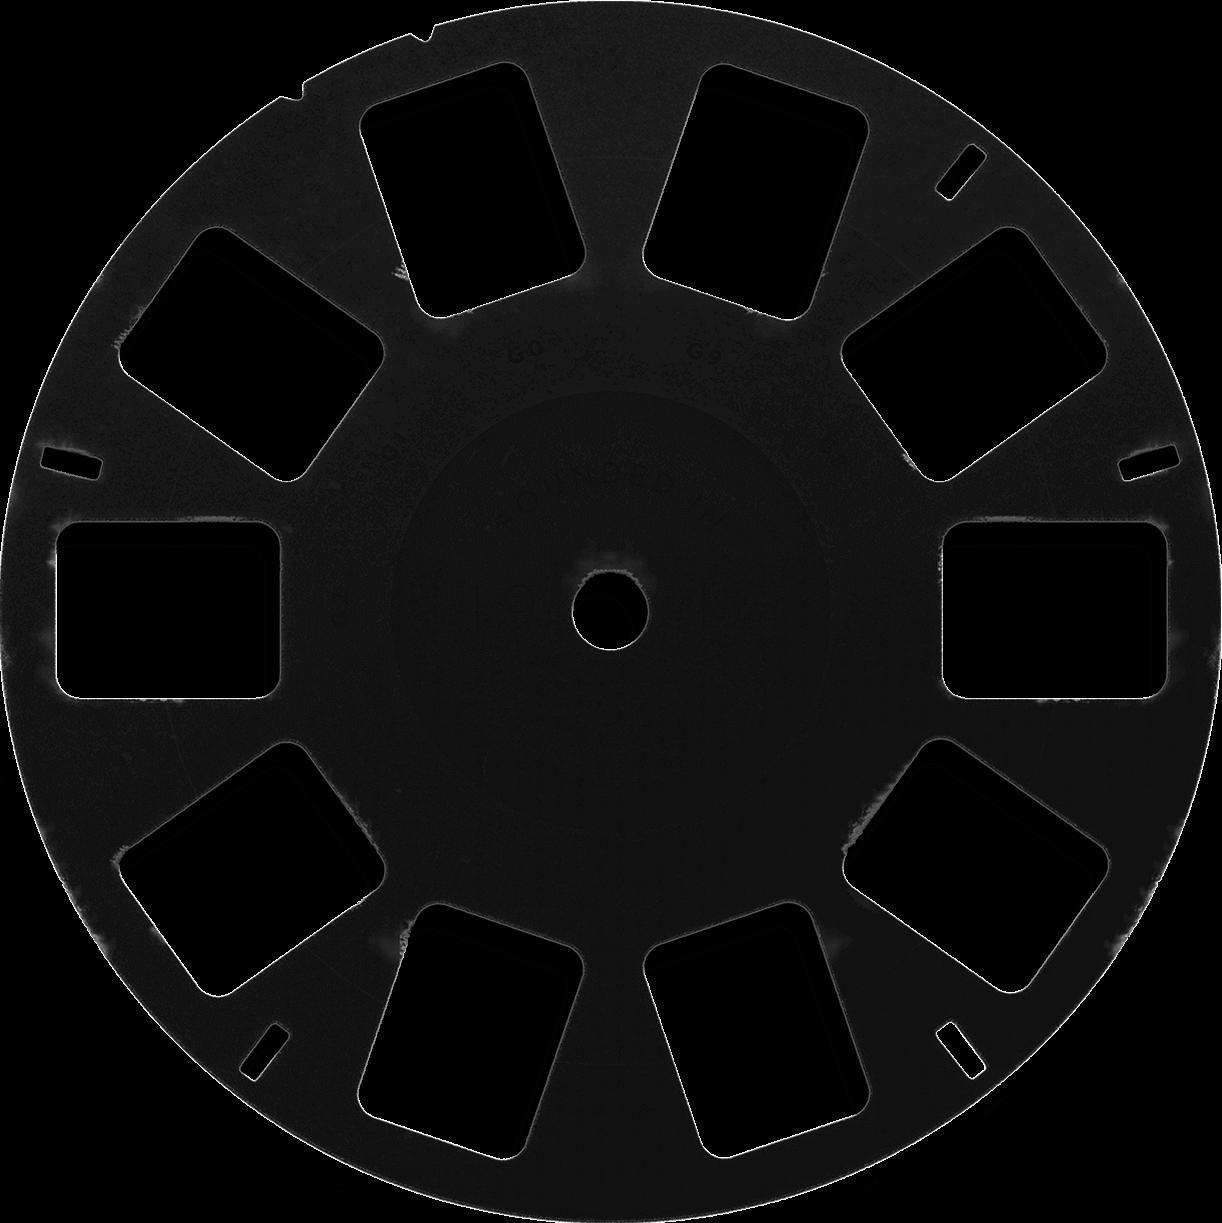 reel-image